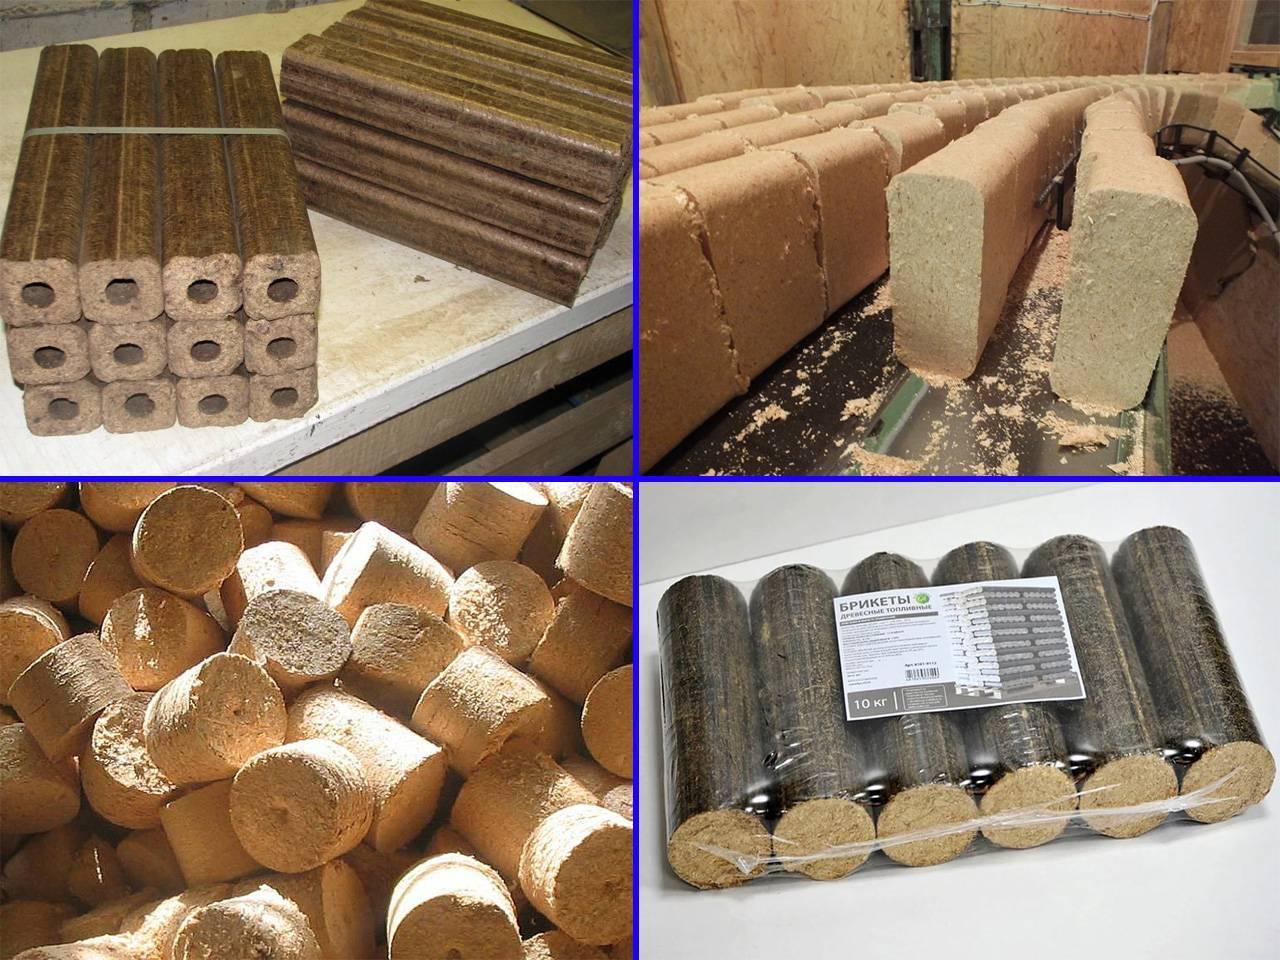 Топливные брикеты или дрова: что лучше и выгоднее для отопления